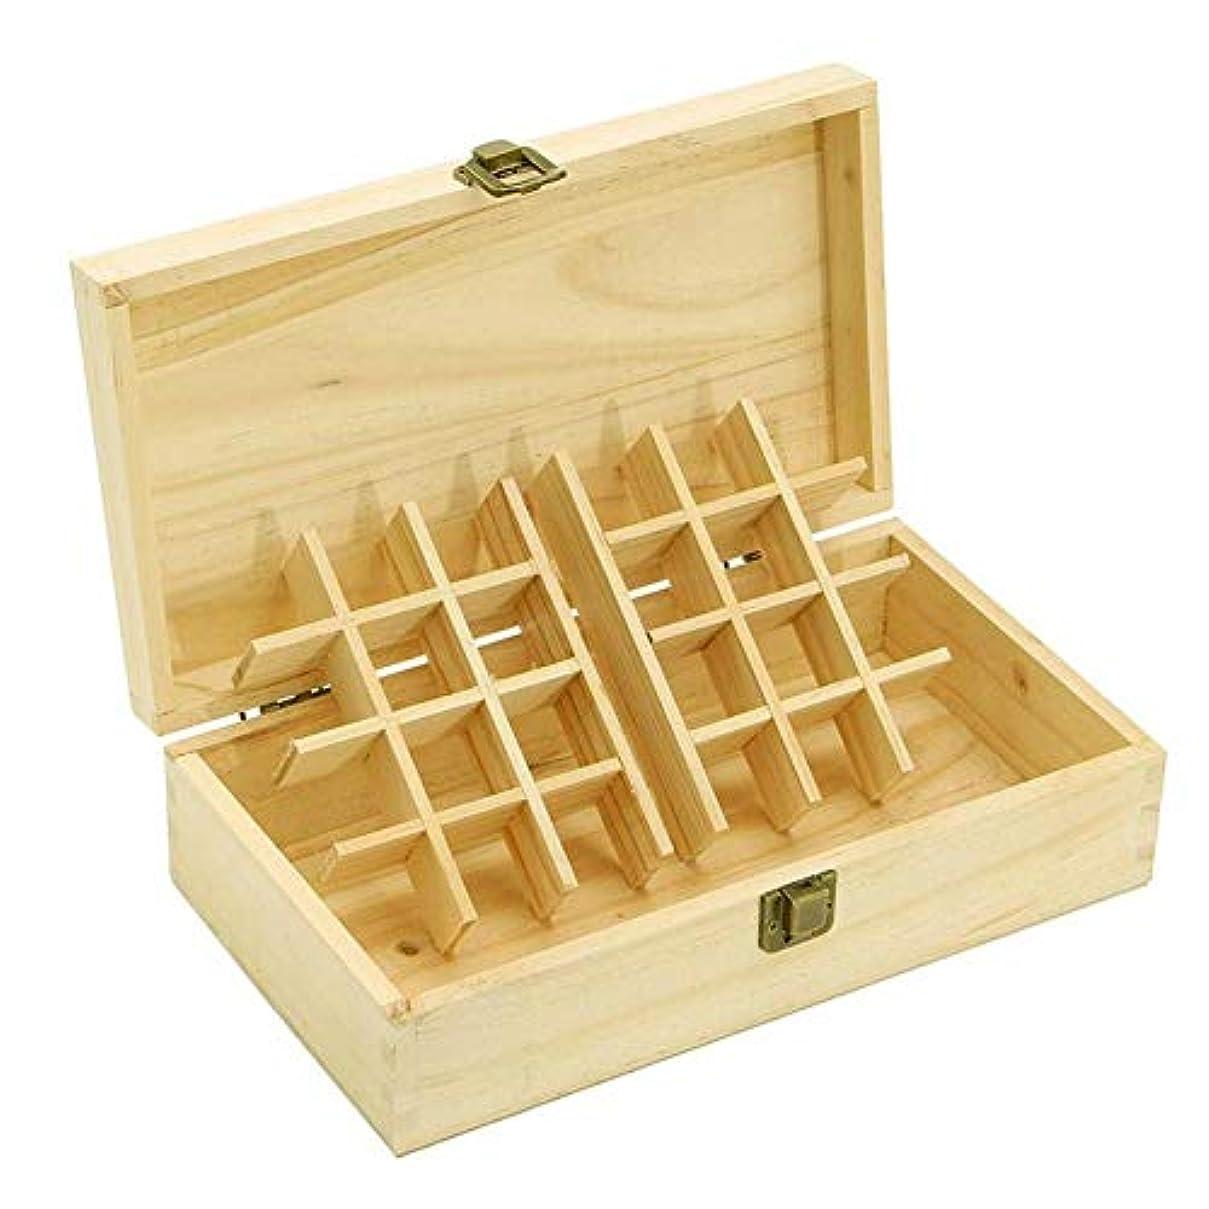 放散する候補者ミスエッセンシャルオイル収納ボックス 純木の精油の収納箱 香水収納ケース アロマオイル収納ボックス